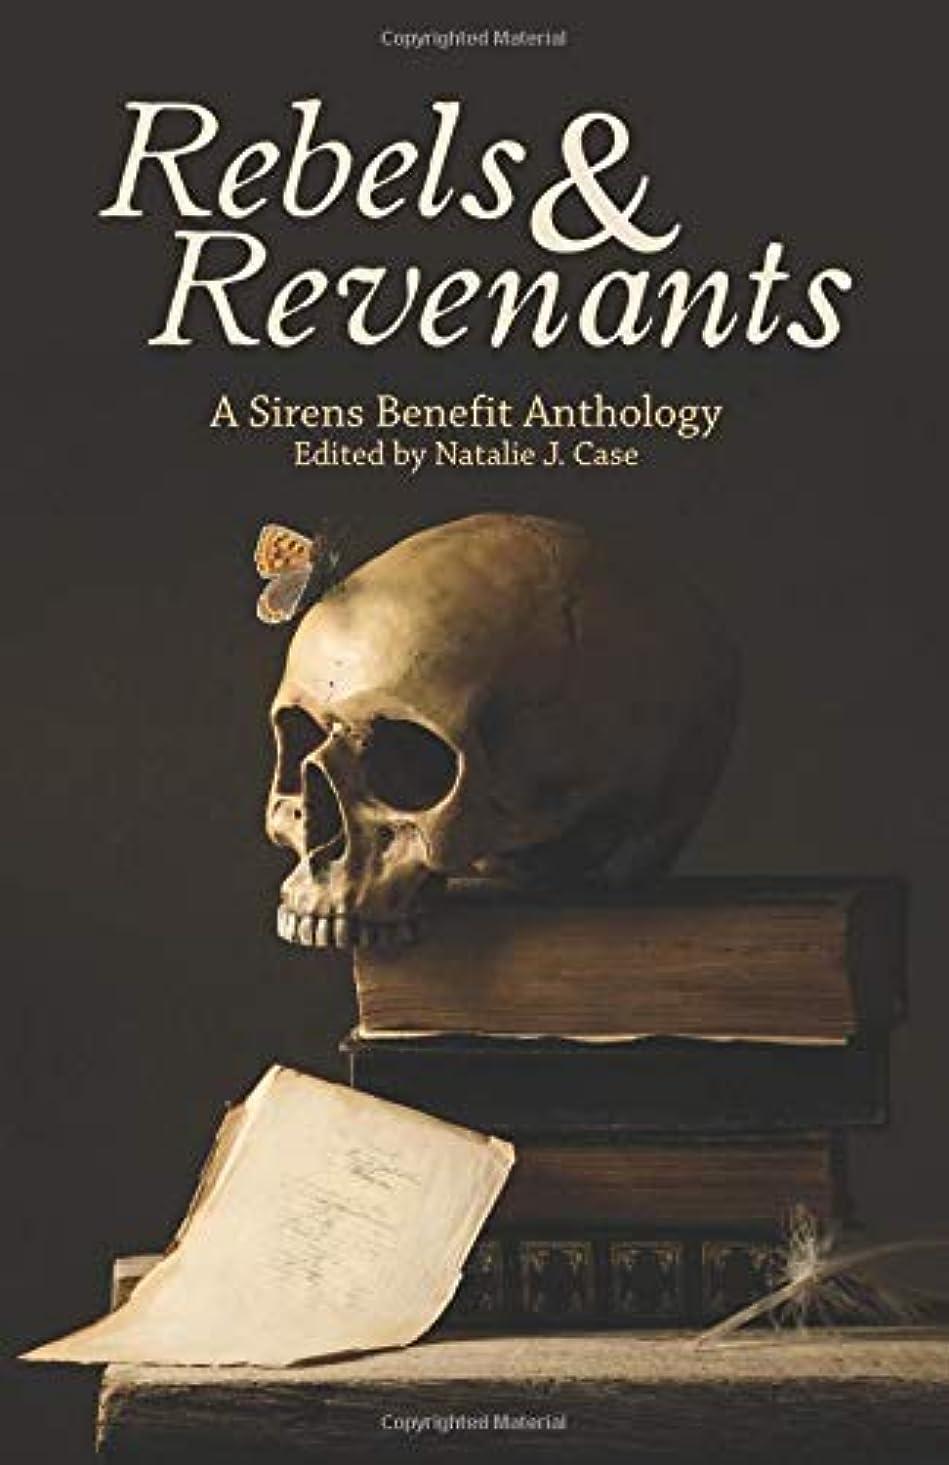 製造業光作曲家Rebels & Revenants: A Sirens Benefit Anthology